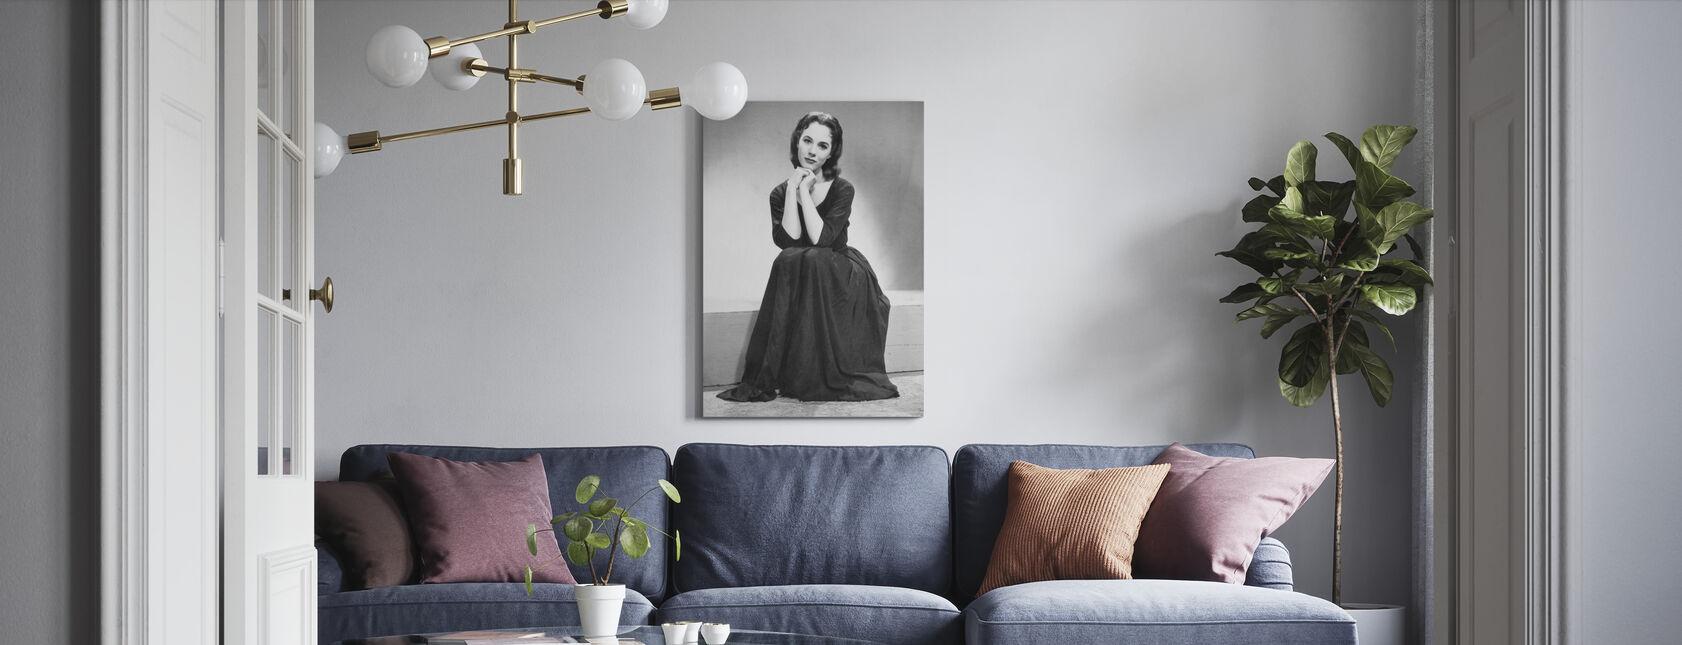 Askepott 1957 - Lerretsbilde - Stue